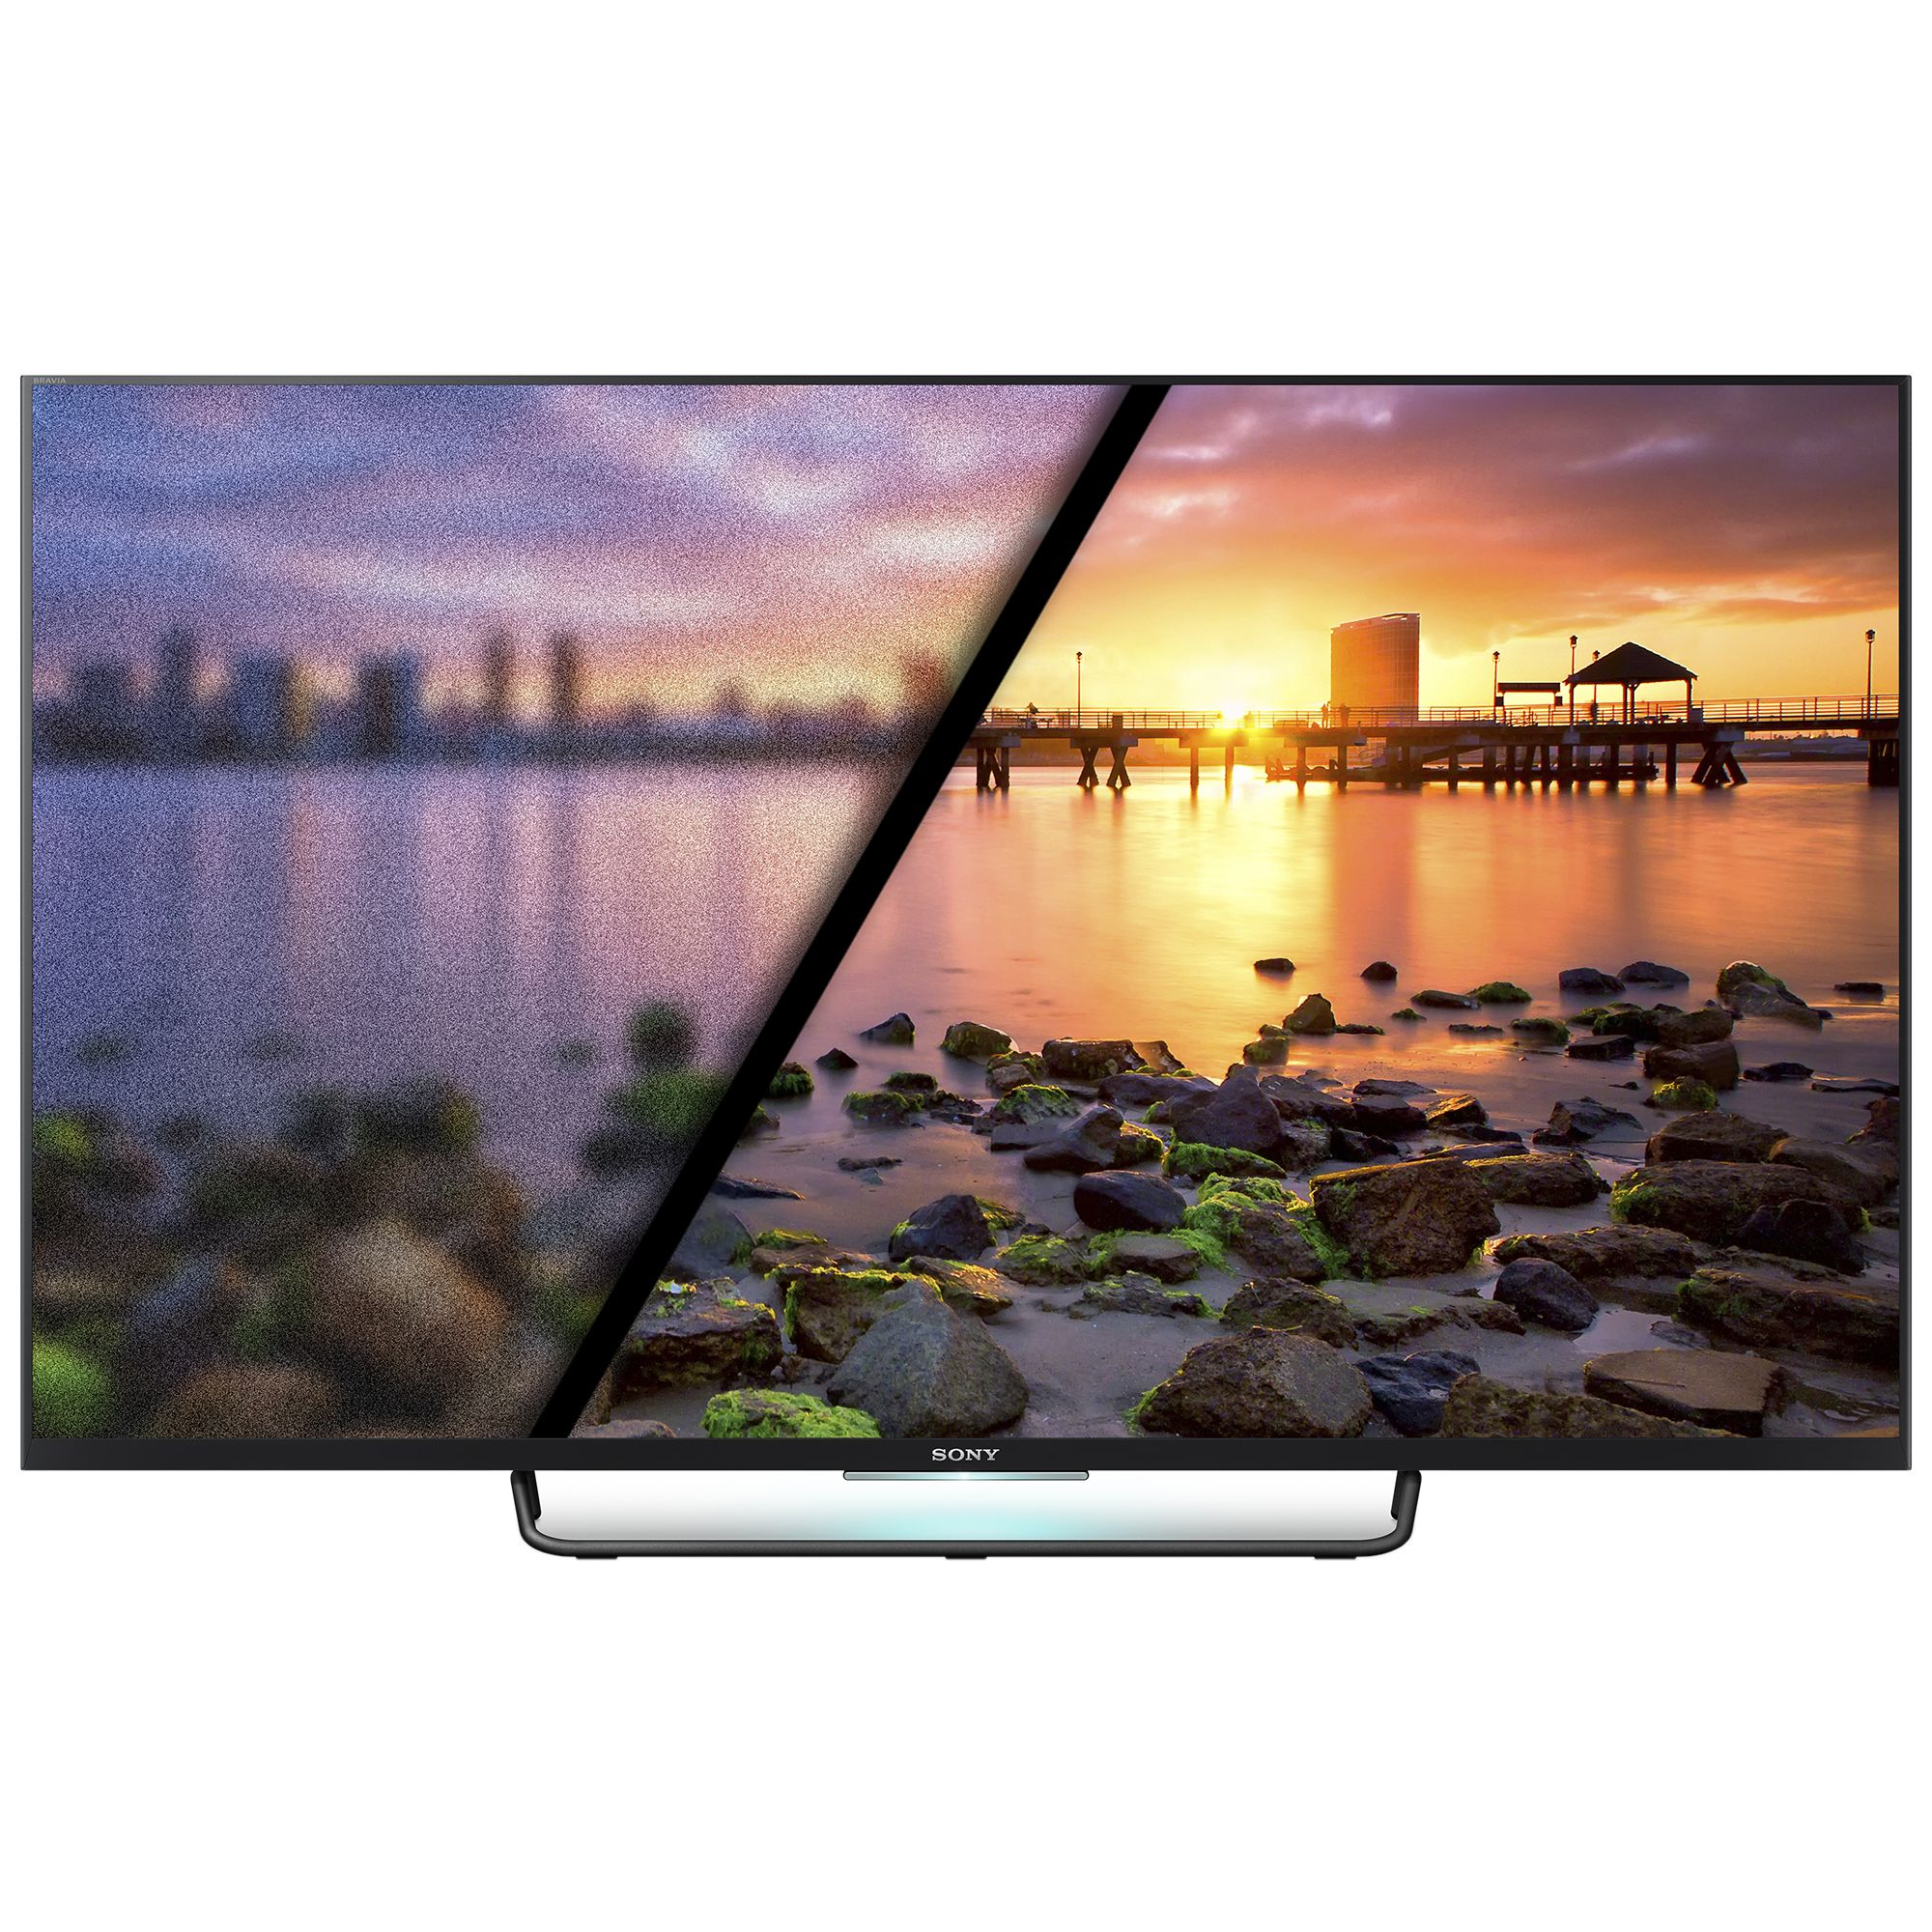 Televizor Led Sony Bravia Kdl-43w755c 43 Edge Led Full Hd Smart Tv  800hz  Wifi  Nfc  Dvb-c/t/t2  Ci+  Negru